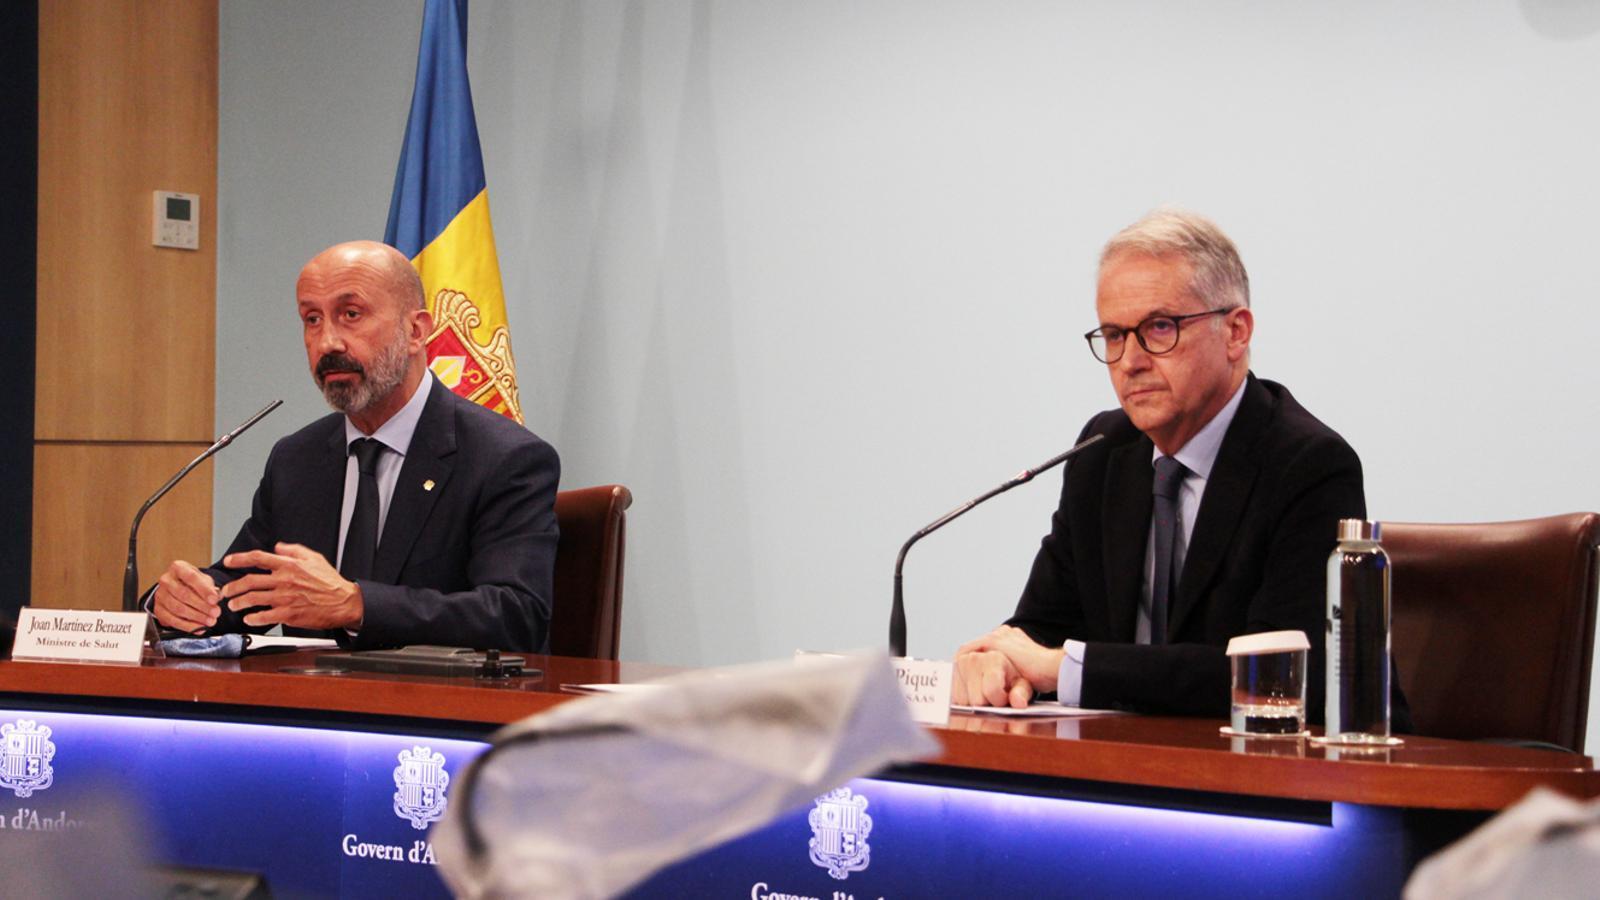 El ministre de Salut, Joan Martínez Benazet, i el director general del SAAS, Josep Maria Piqué, durant la roda de premsa d'aquest dijous. / M. P. (ANA)